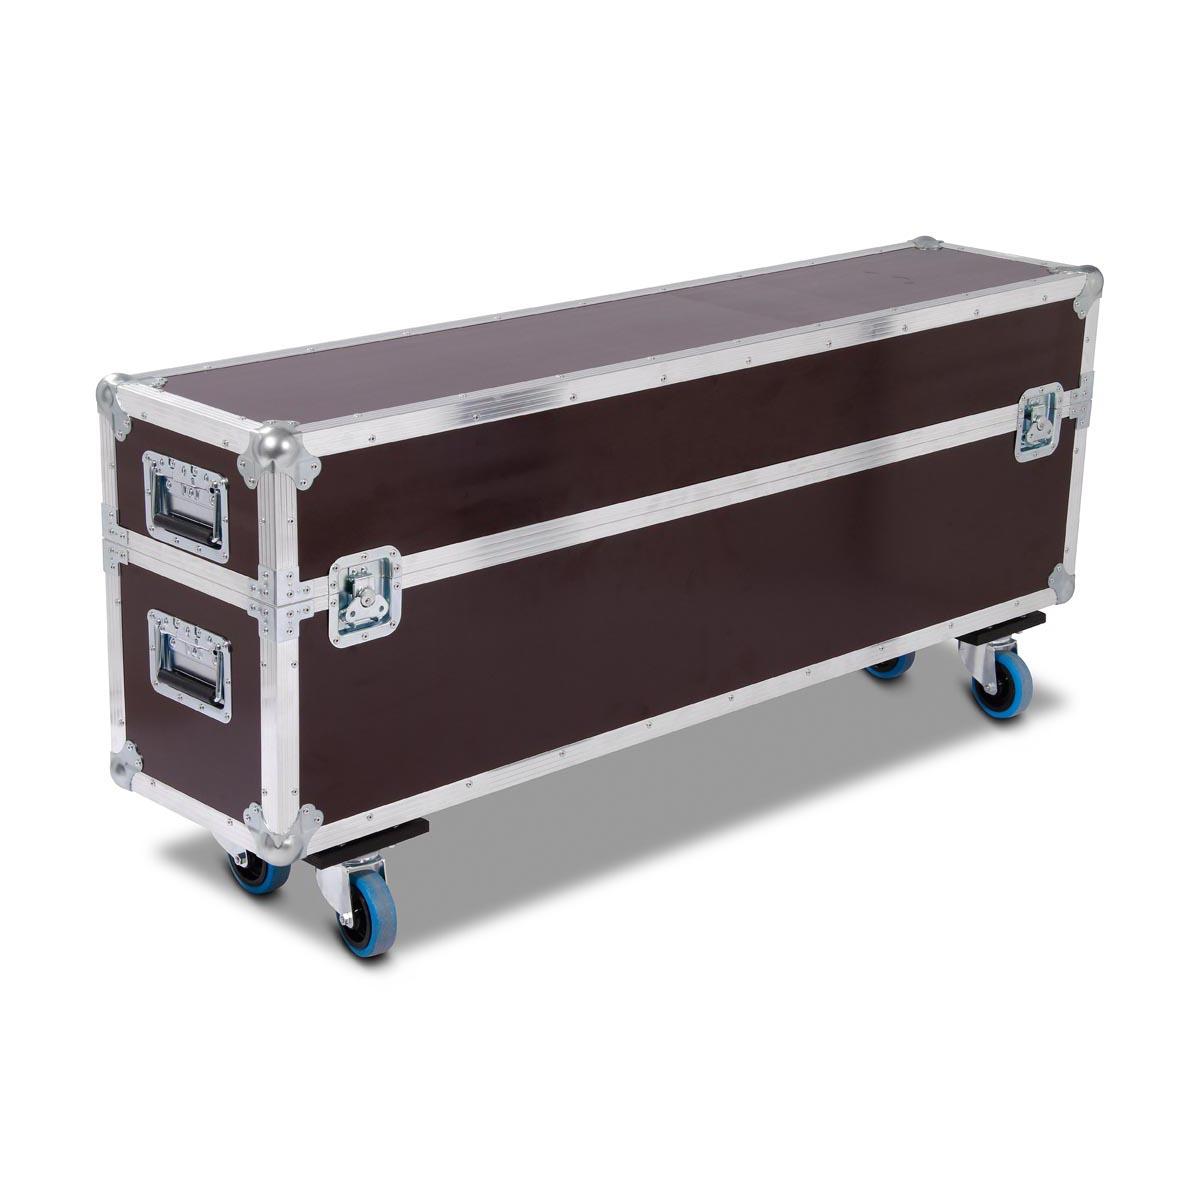 profi truhencase auf rollen standspiegel 1410x410x30 4in1 g nstig kaufen megacase. Black Bedroom Furniture Sets. Home Design Ideas